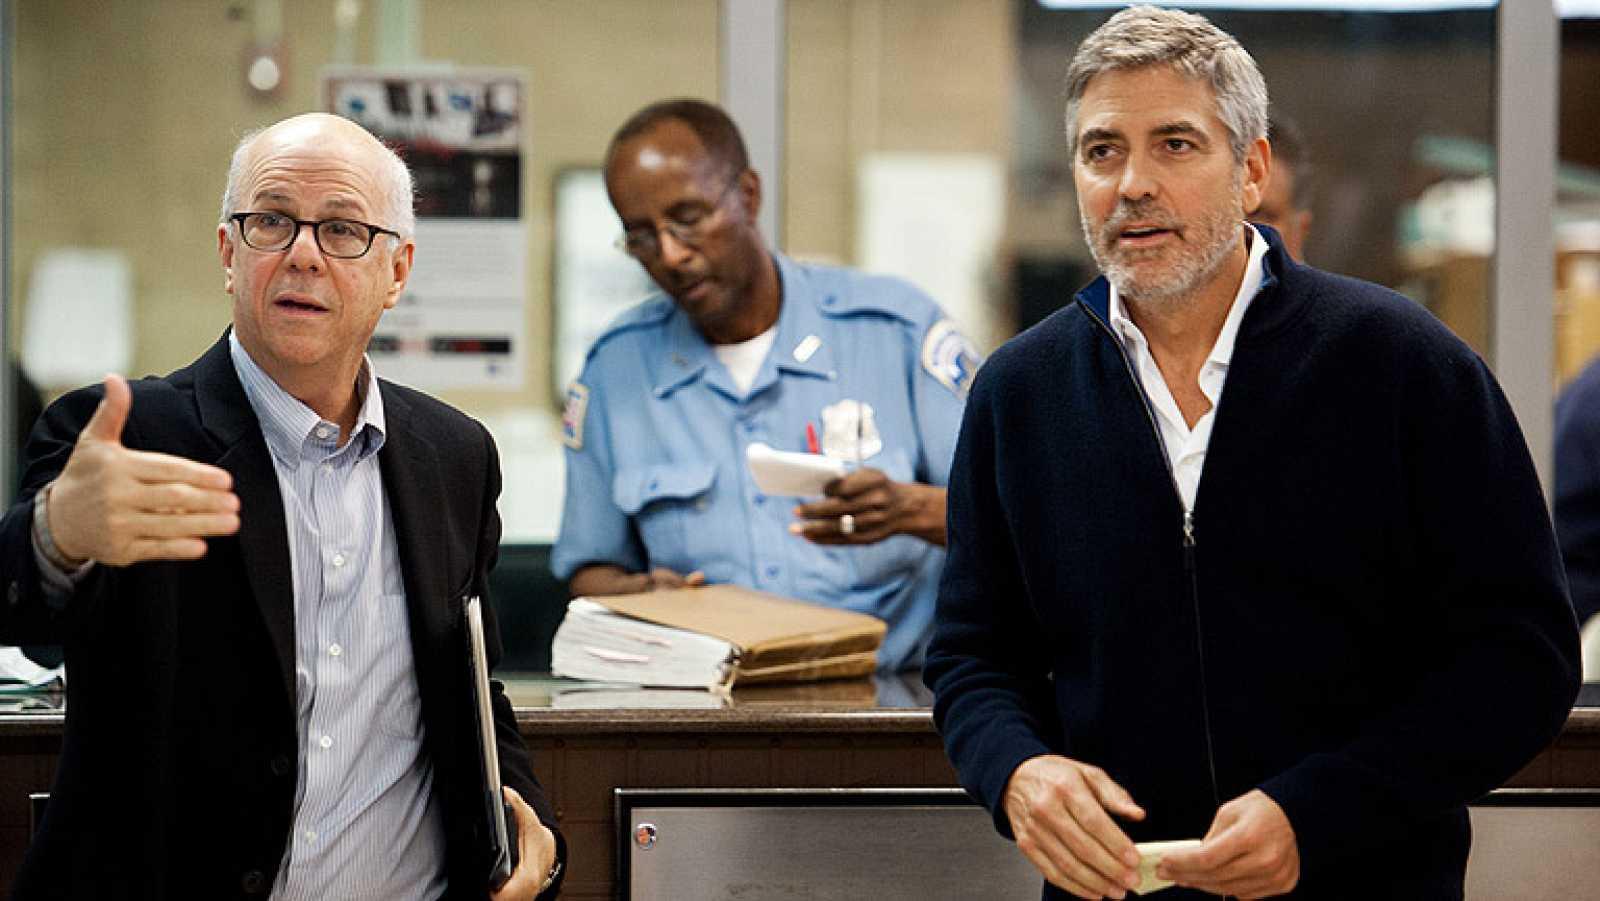 Detenido el actor George Clooney, que protestaba frente a la embajada de Sudán en Washington